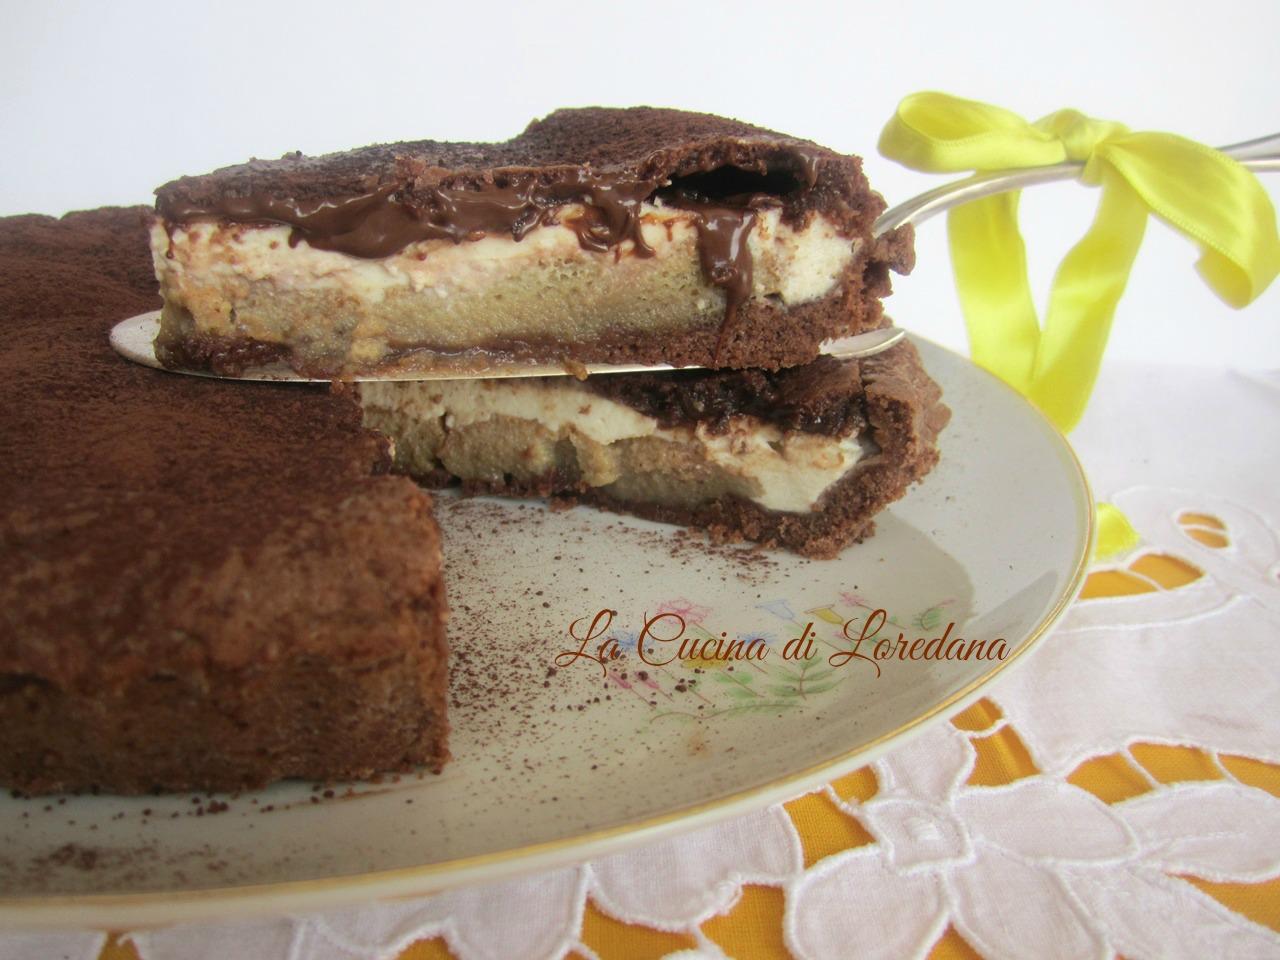 Crostata al tiramis e nutella la cucina di loredana - La cucina di loredana ...